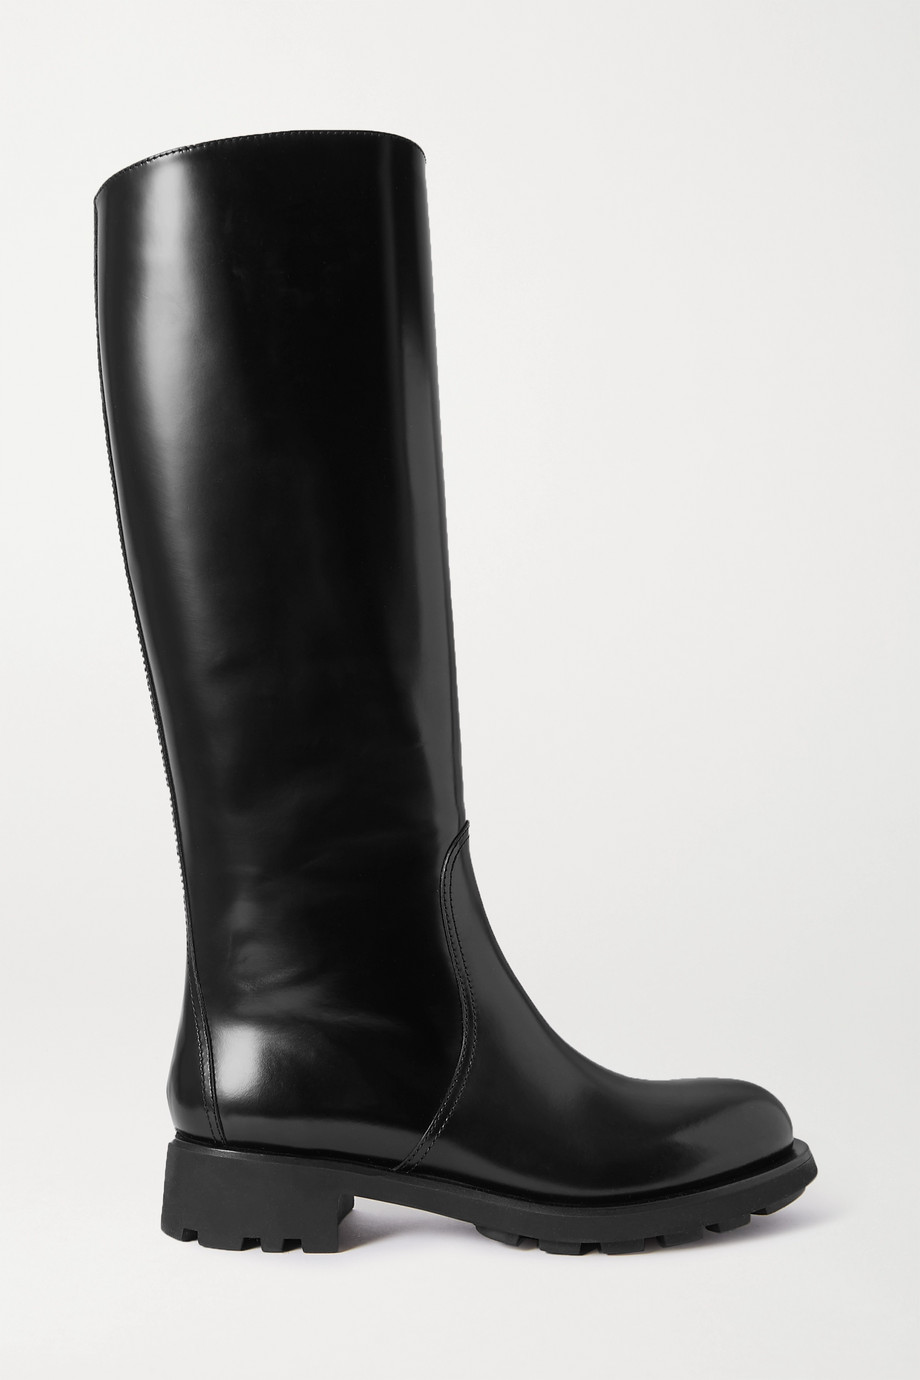 Prada 40 glossed-leather knee boots